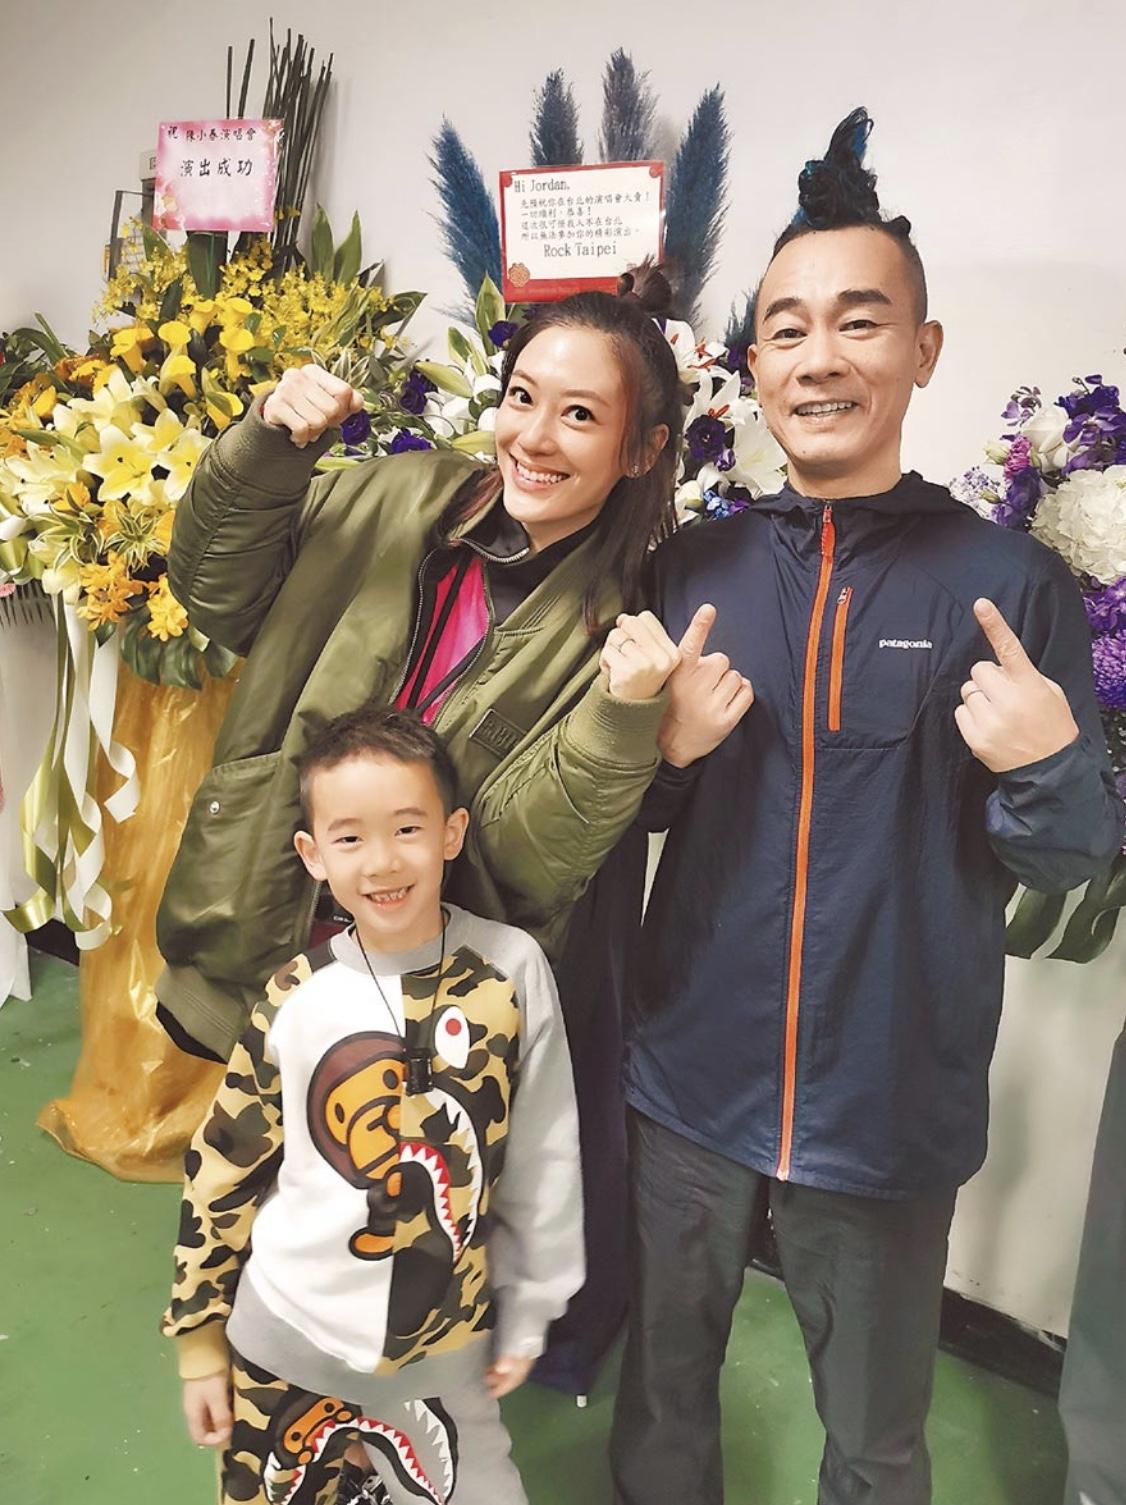 陳小春(右)日前於台北個唱宣布太太應采兒(左)再度懷孕,並已佗B 3個月。